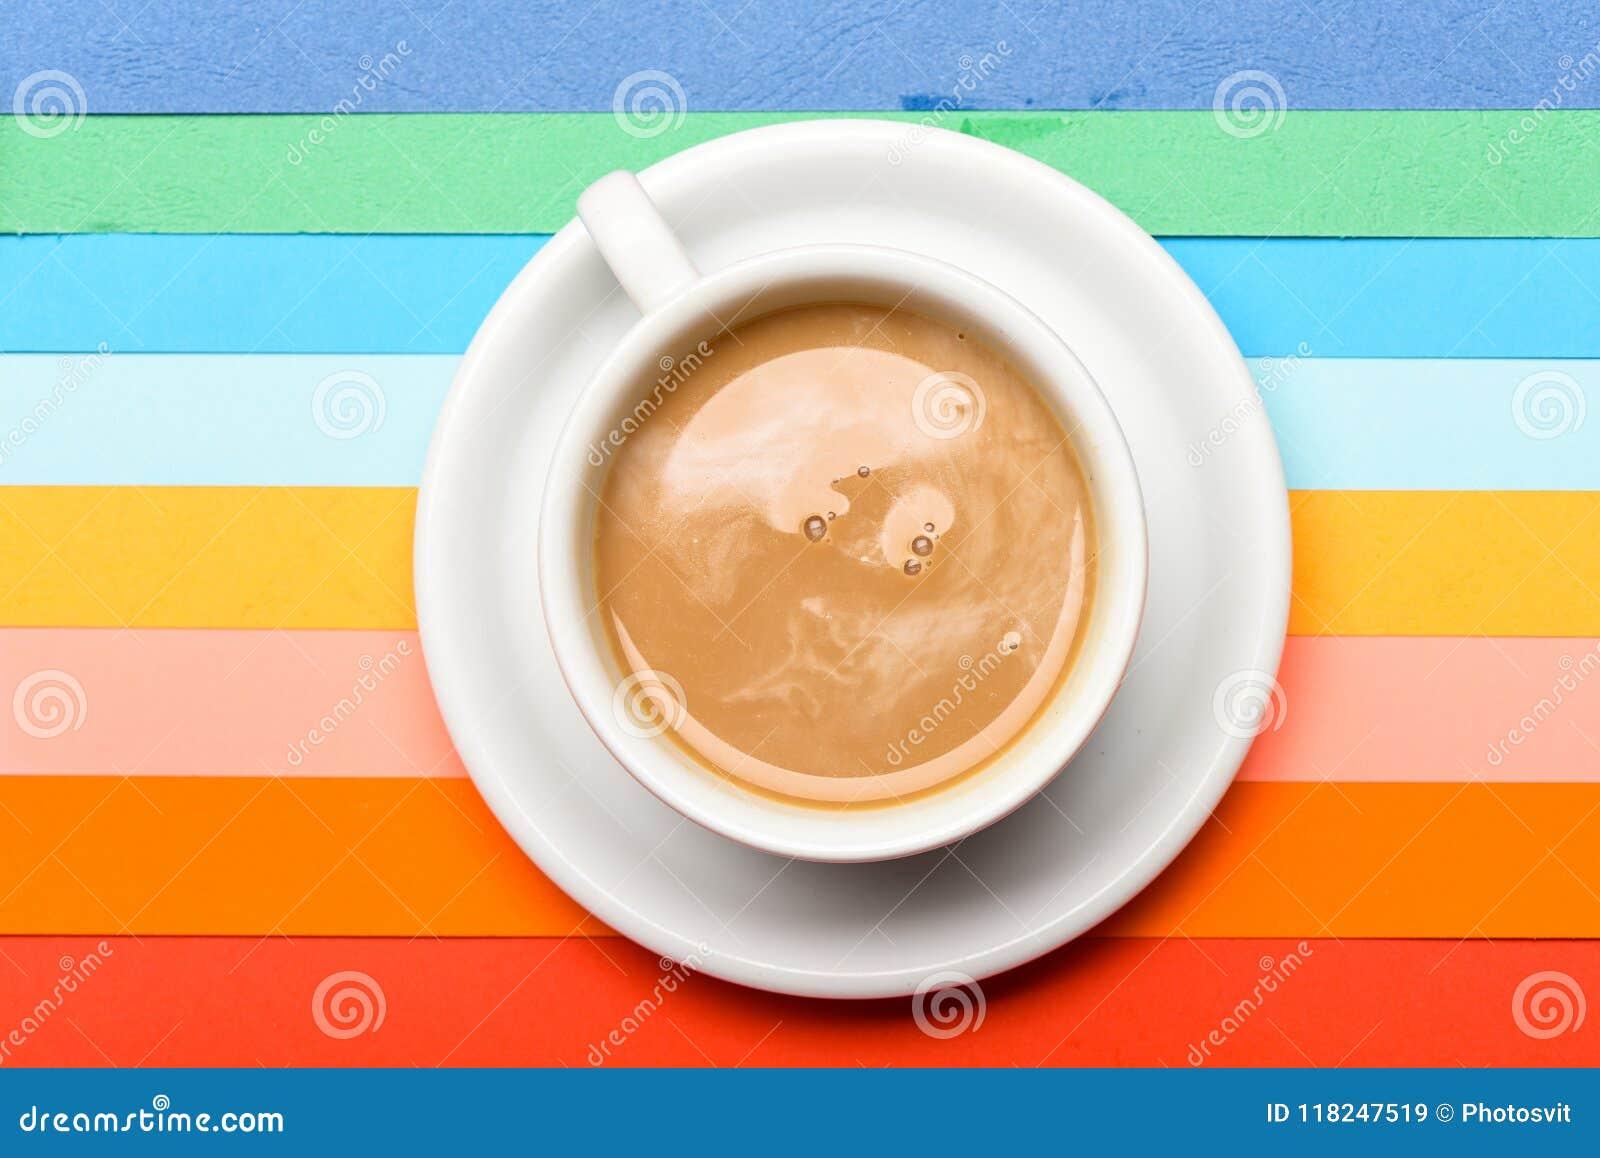 Tasse Kaffee mit Milch- oder Cappuccinogetränk auf buntem als Regenbogenhintergrund Dosis des Energiekonzeptes Kaffee an